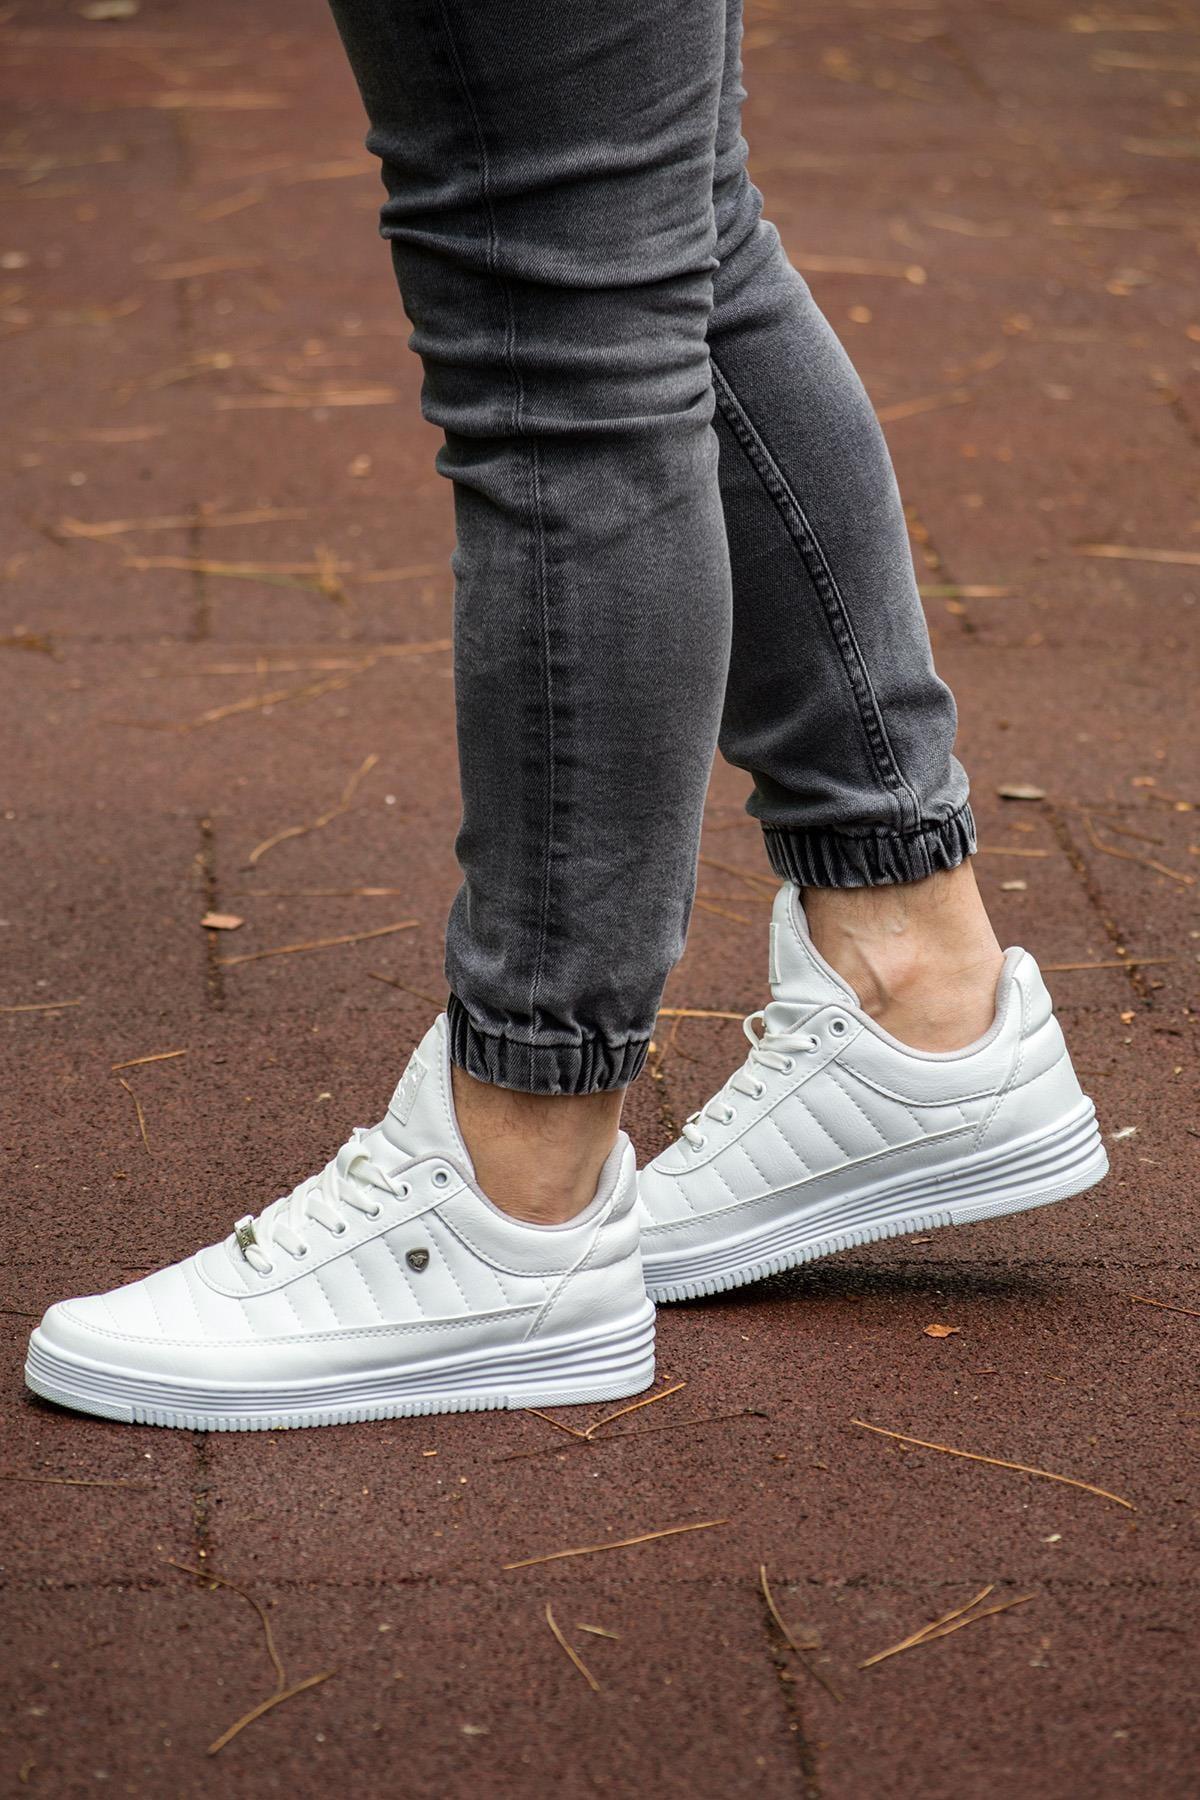 07 Beyaz Dikişli Unisex Spor Ayakkabı